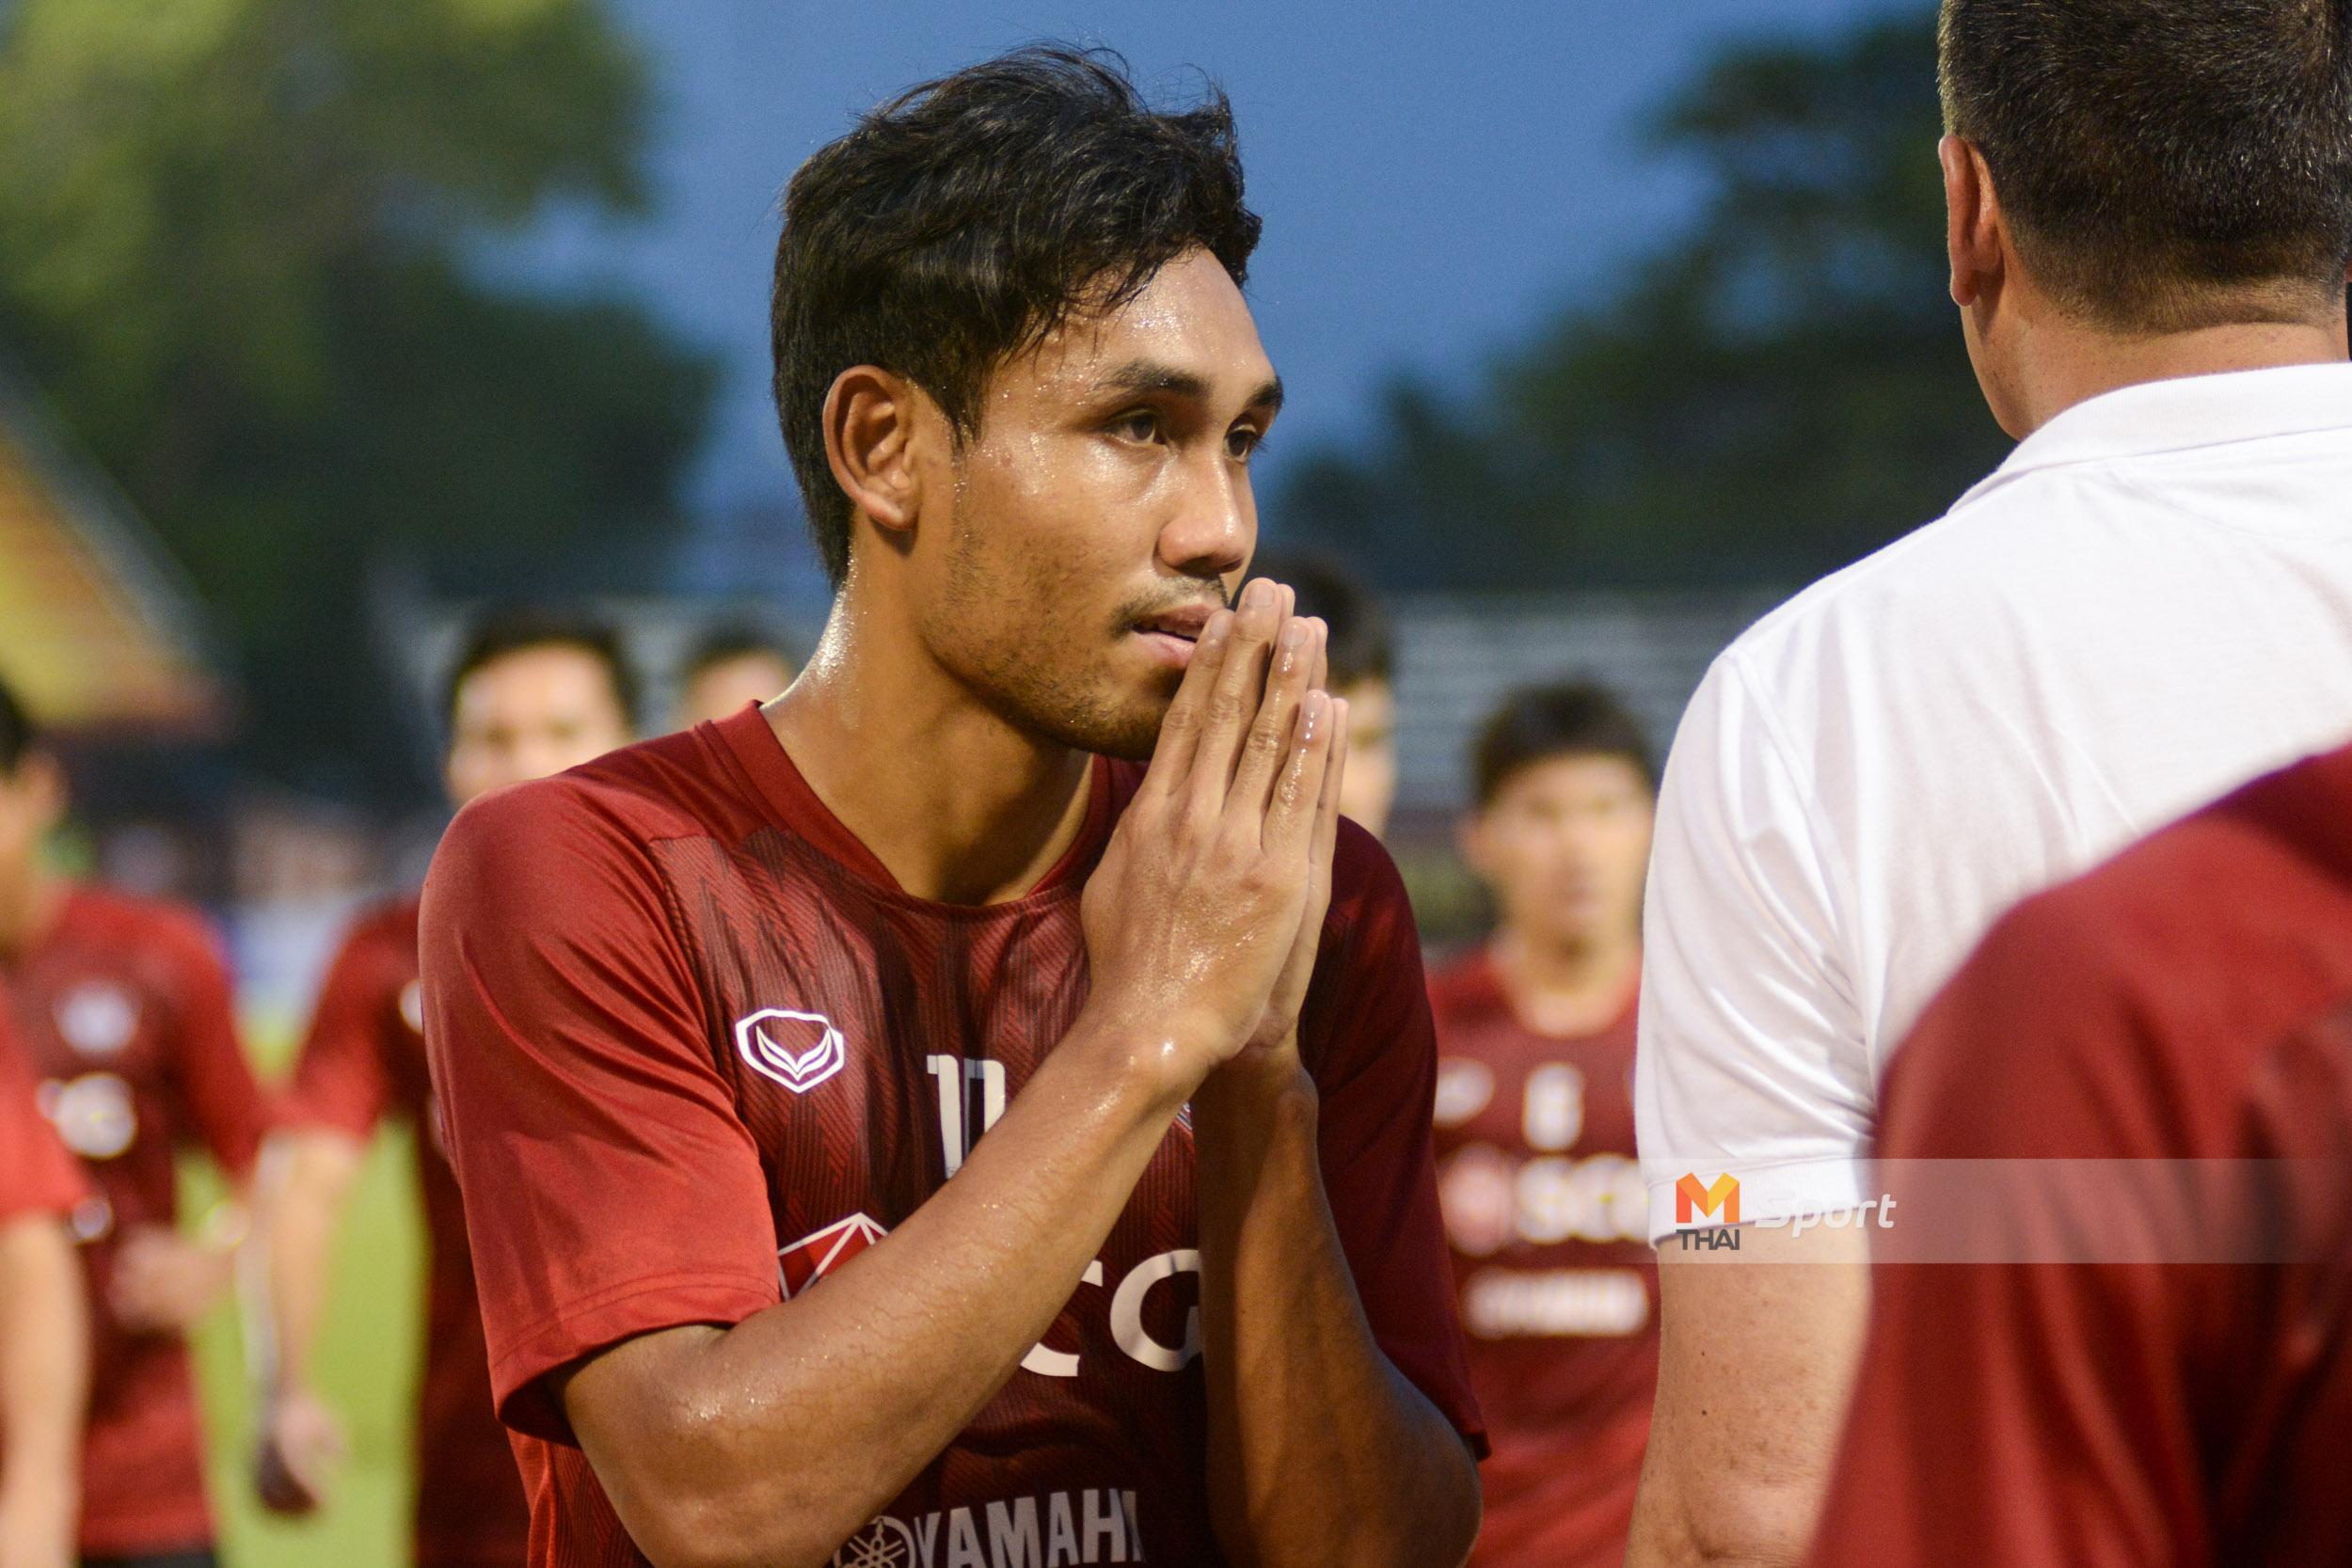 คิงส์ คัพ คิงส์คัพ 2019 ทีมชาติไทย ธีรศิลป์ แดงดา ศิริศักดิ์ ยอดญาติไทย